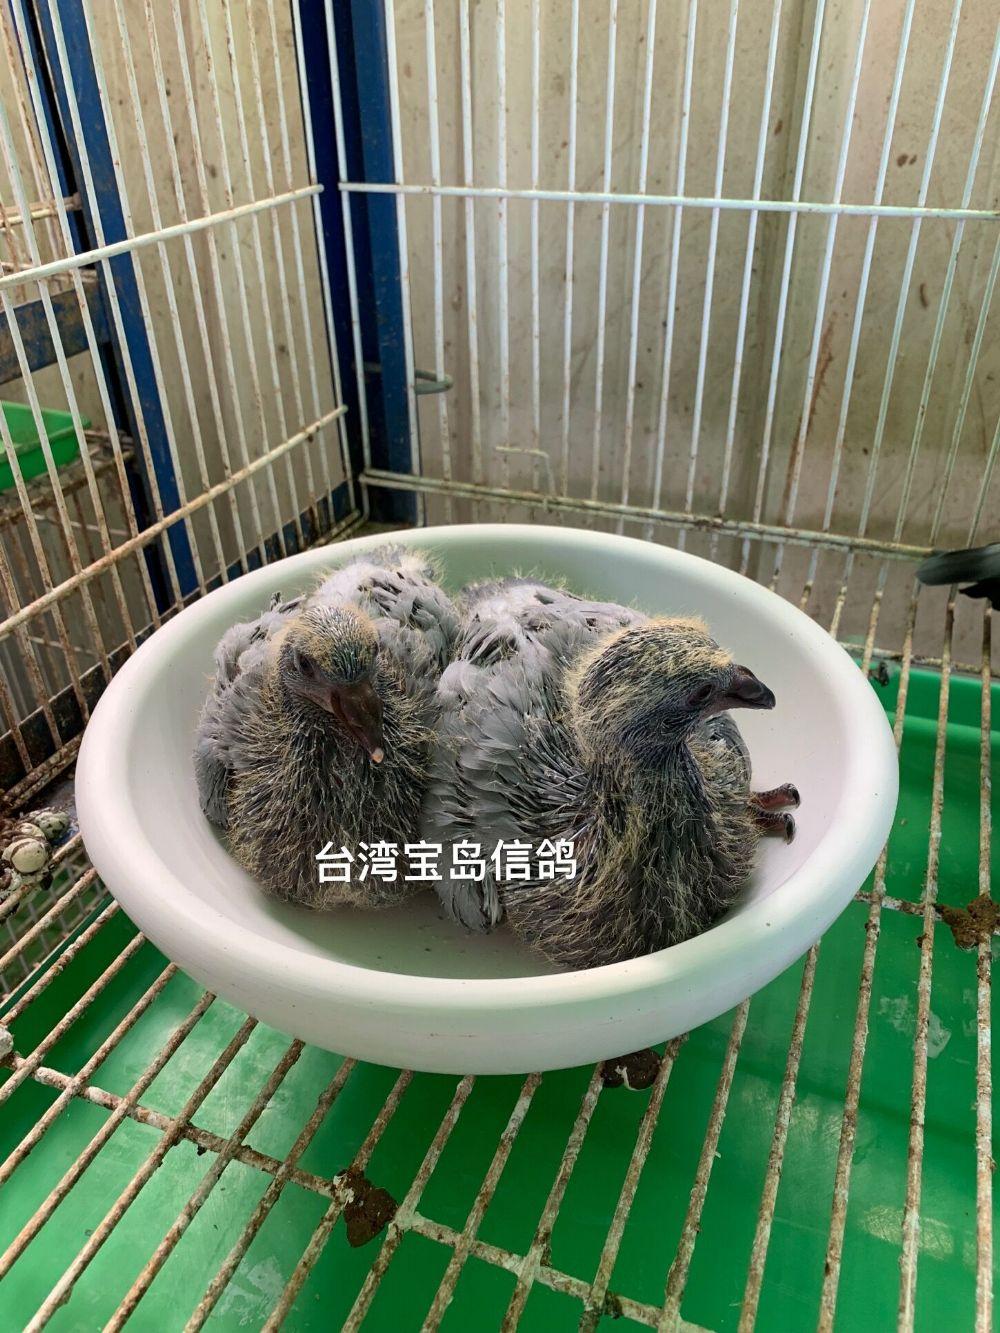 石膏碗巢盆 鸟巢 台湾鸽子碗窝 繁殖窝 孵蛋盆